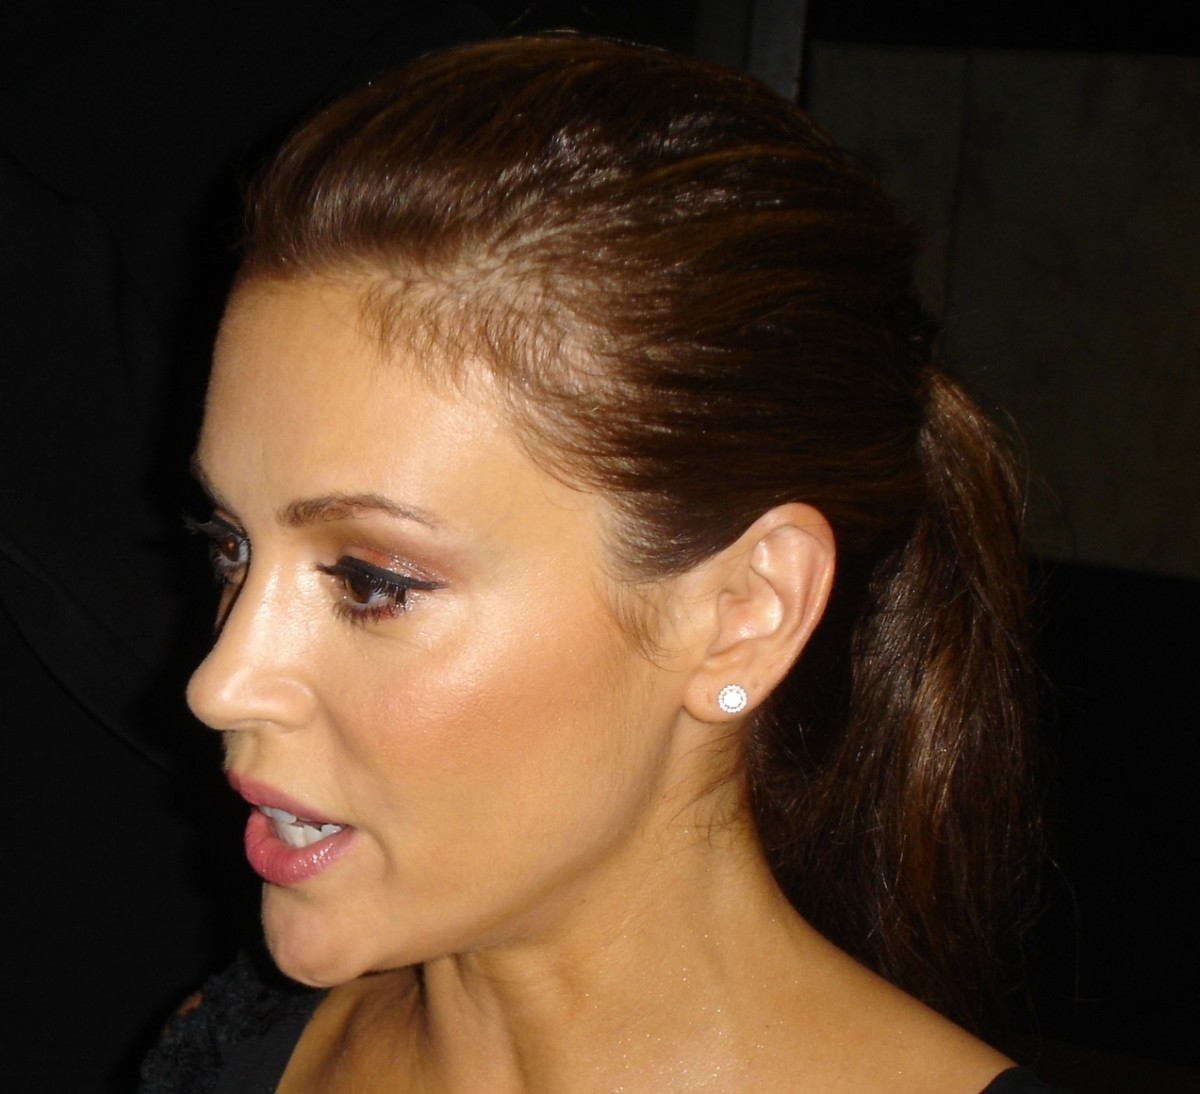 Alyssa Milano with a dark brown hair color.